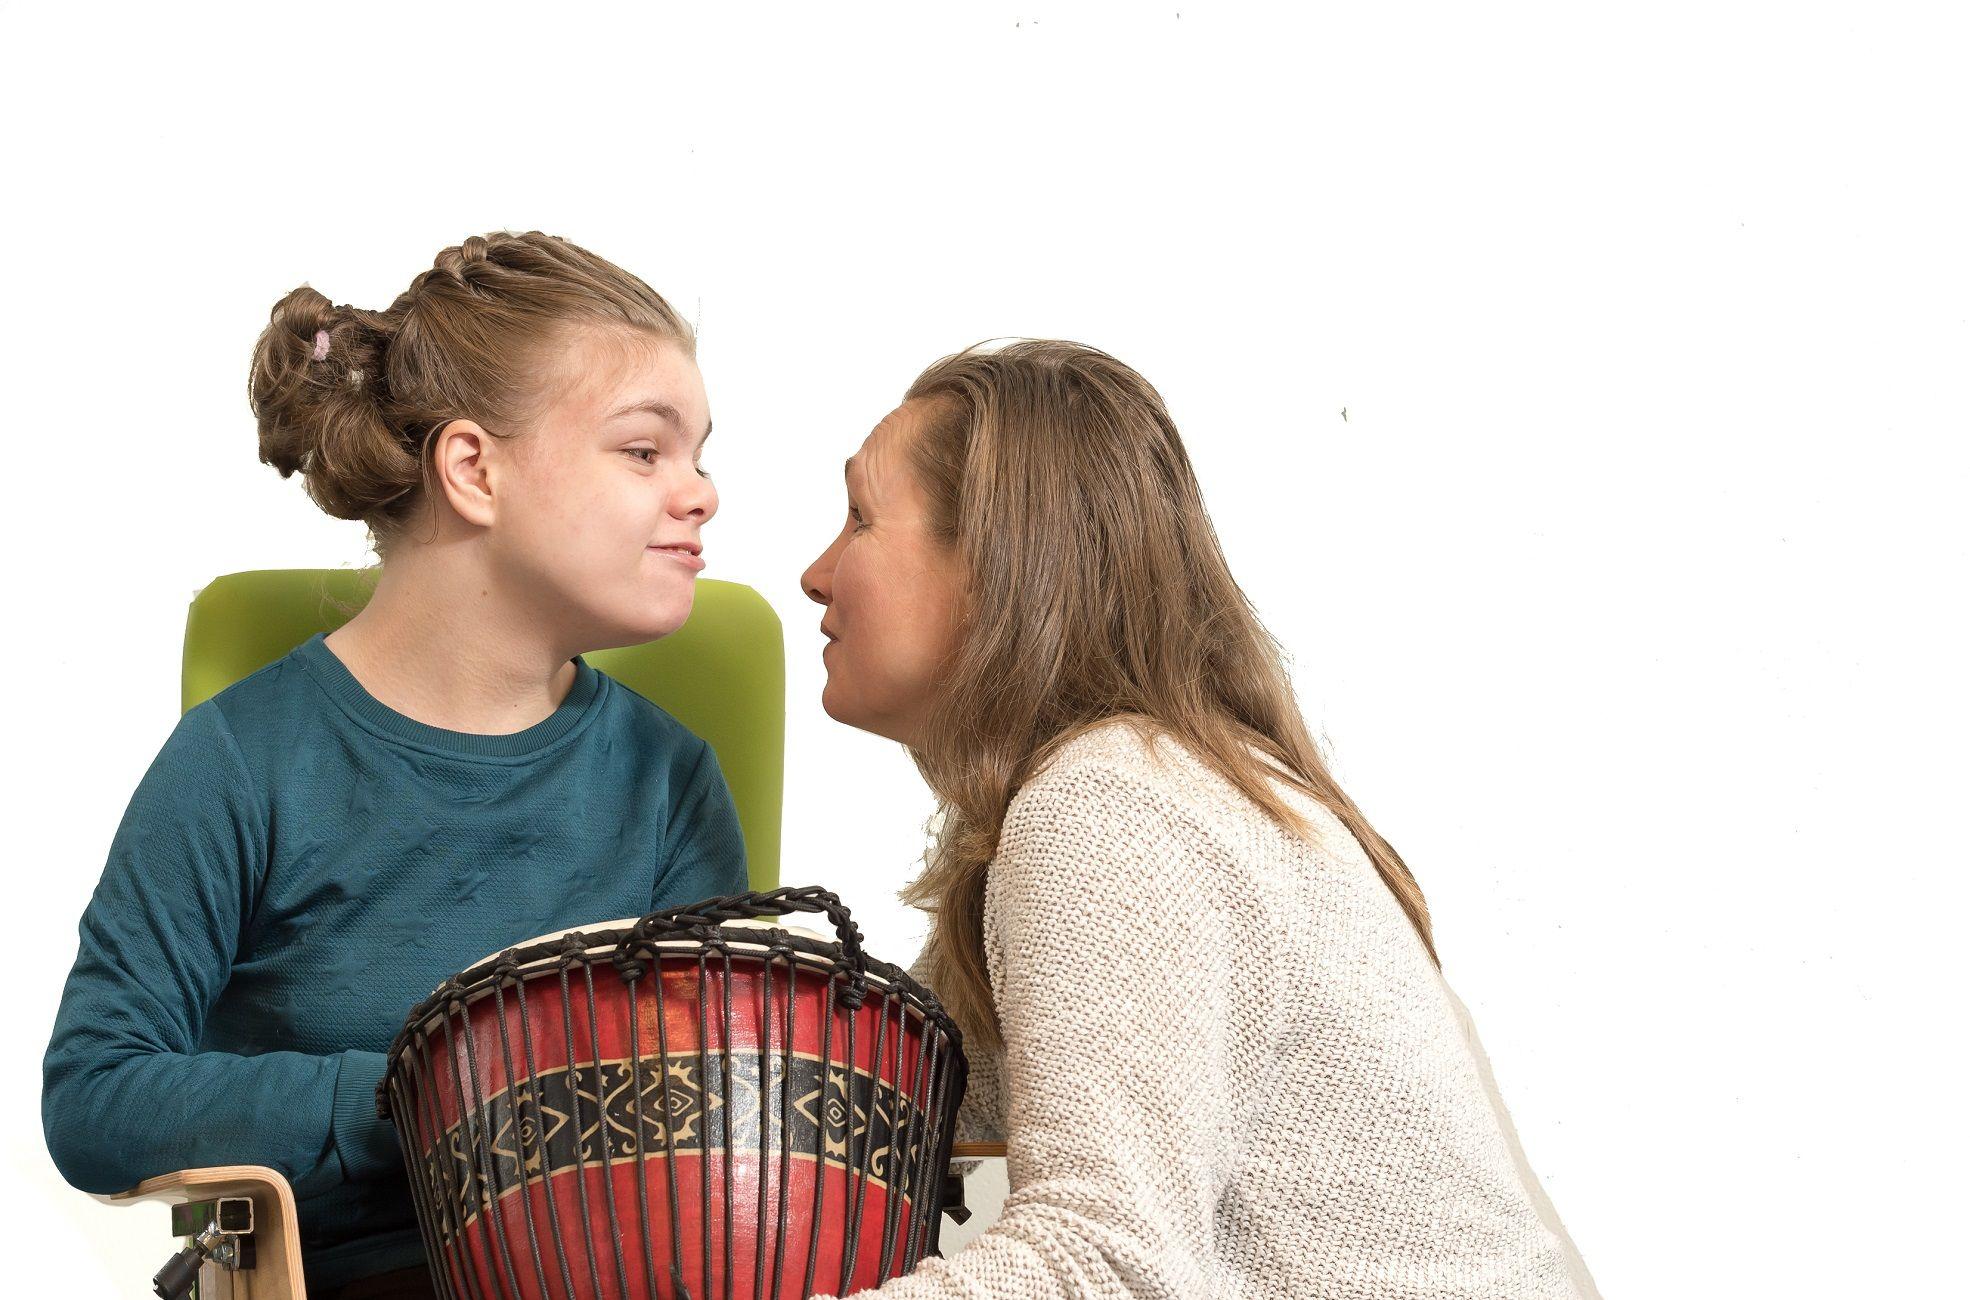 Musicoterapia para niños: beneficios para su desarrollo